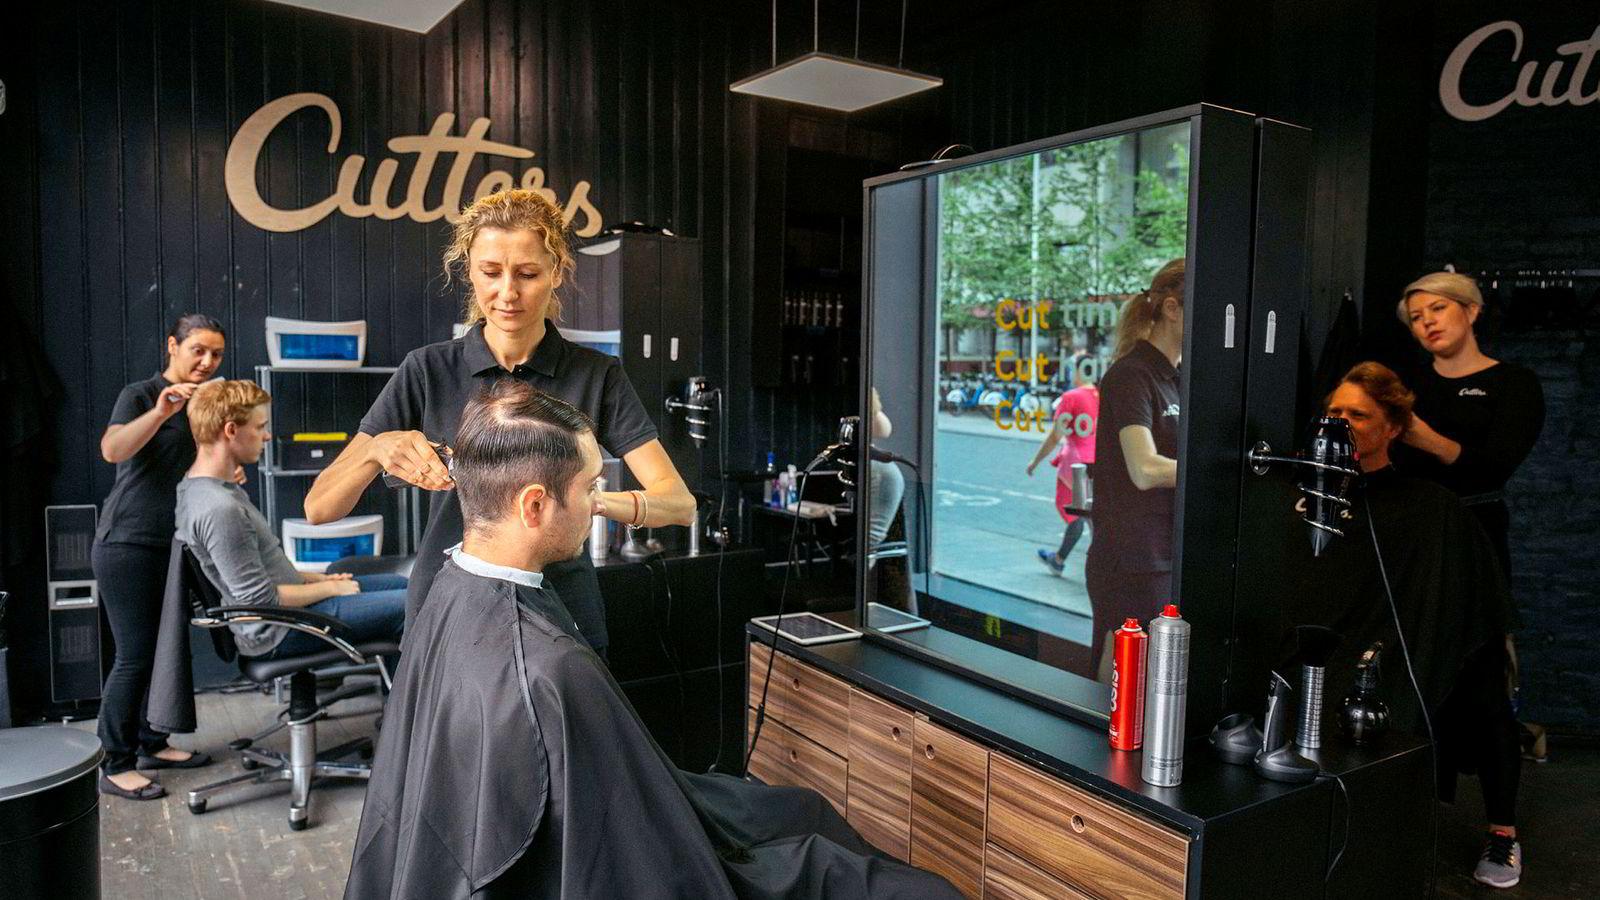 Frisørkonseptet Cutters har bare en liten del av totalmarkedet i Norge, men har vokst oppsiktsvekkende raskt for en nystartet frisørkjede.